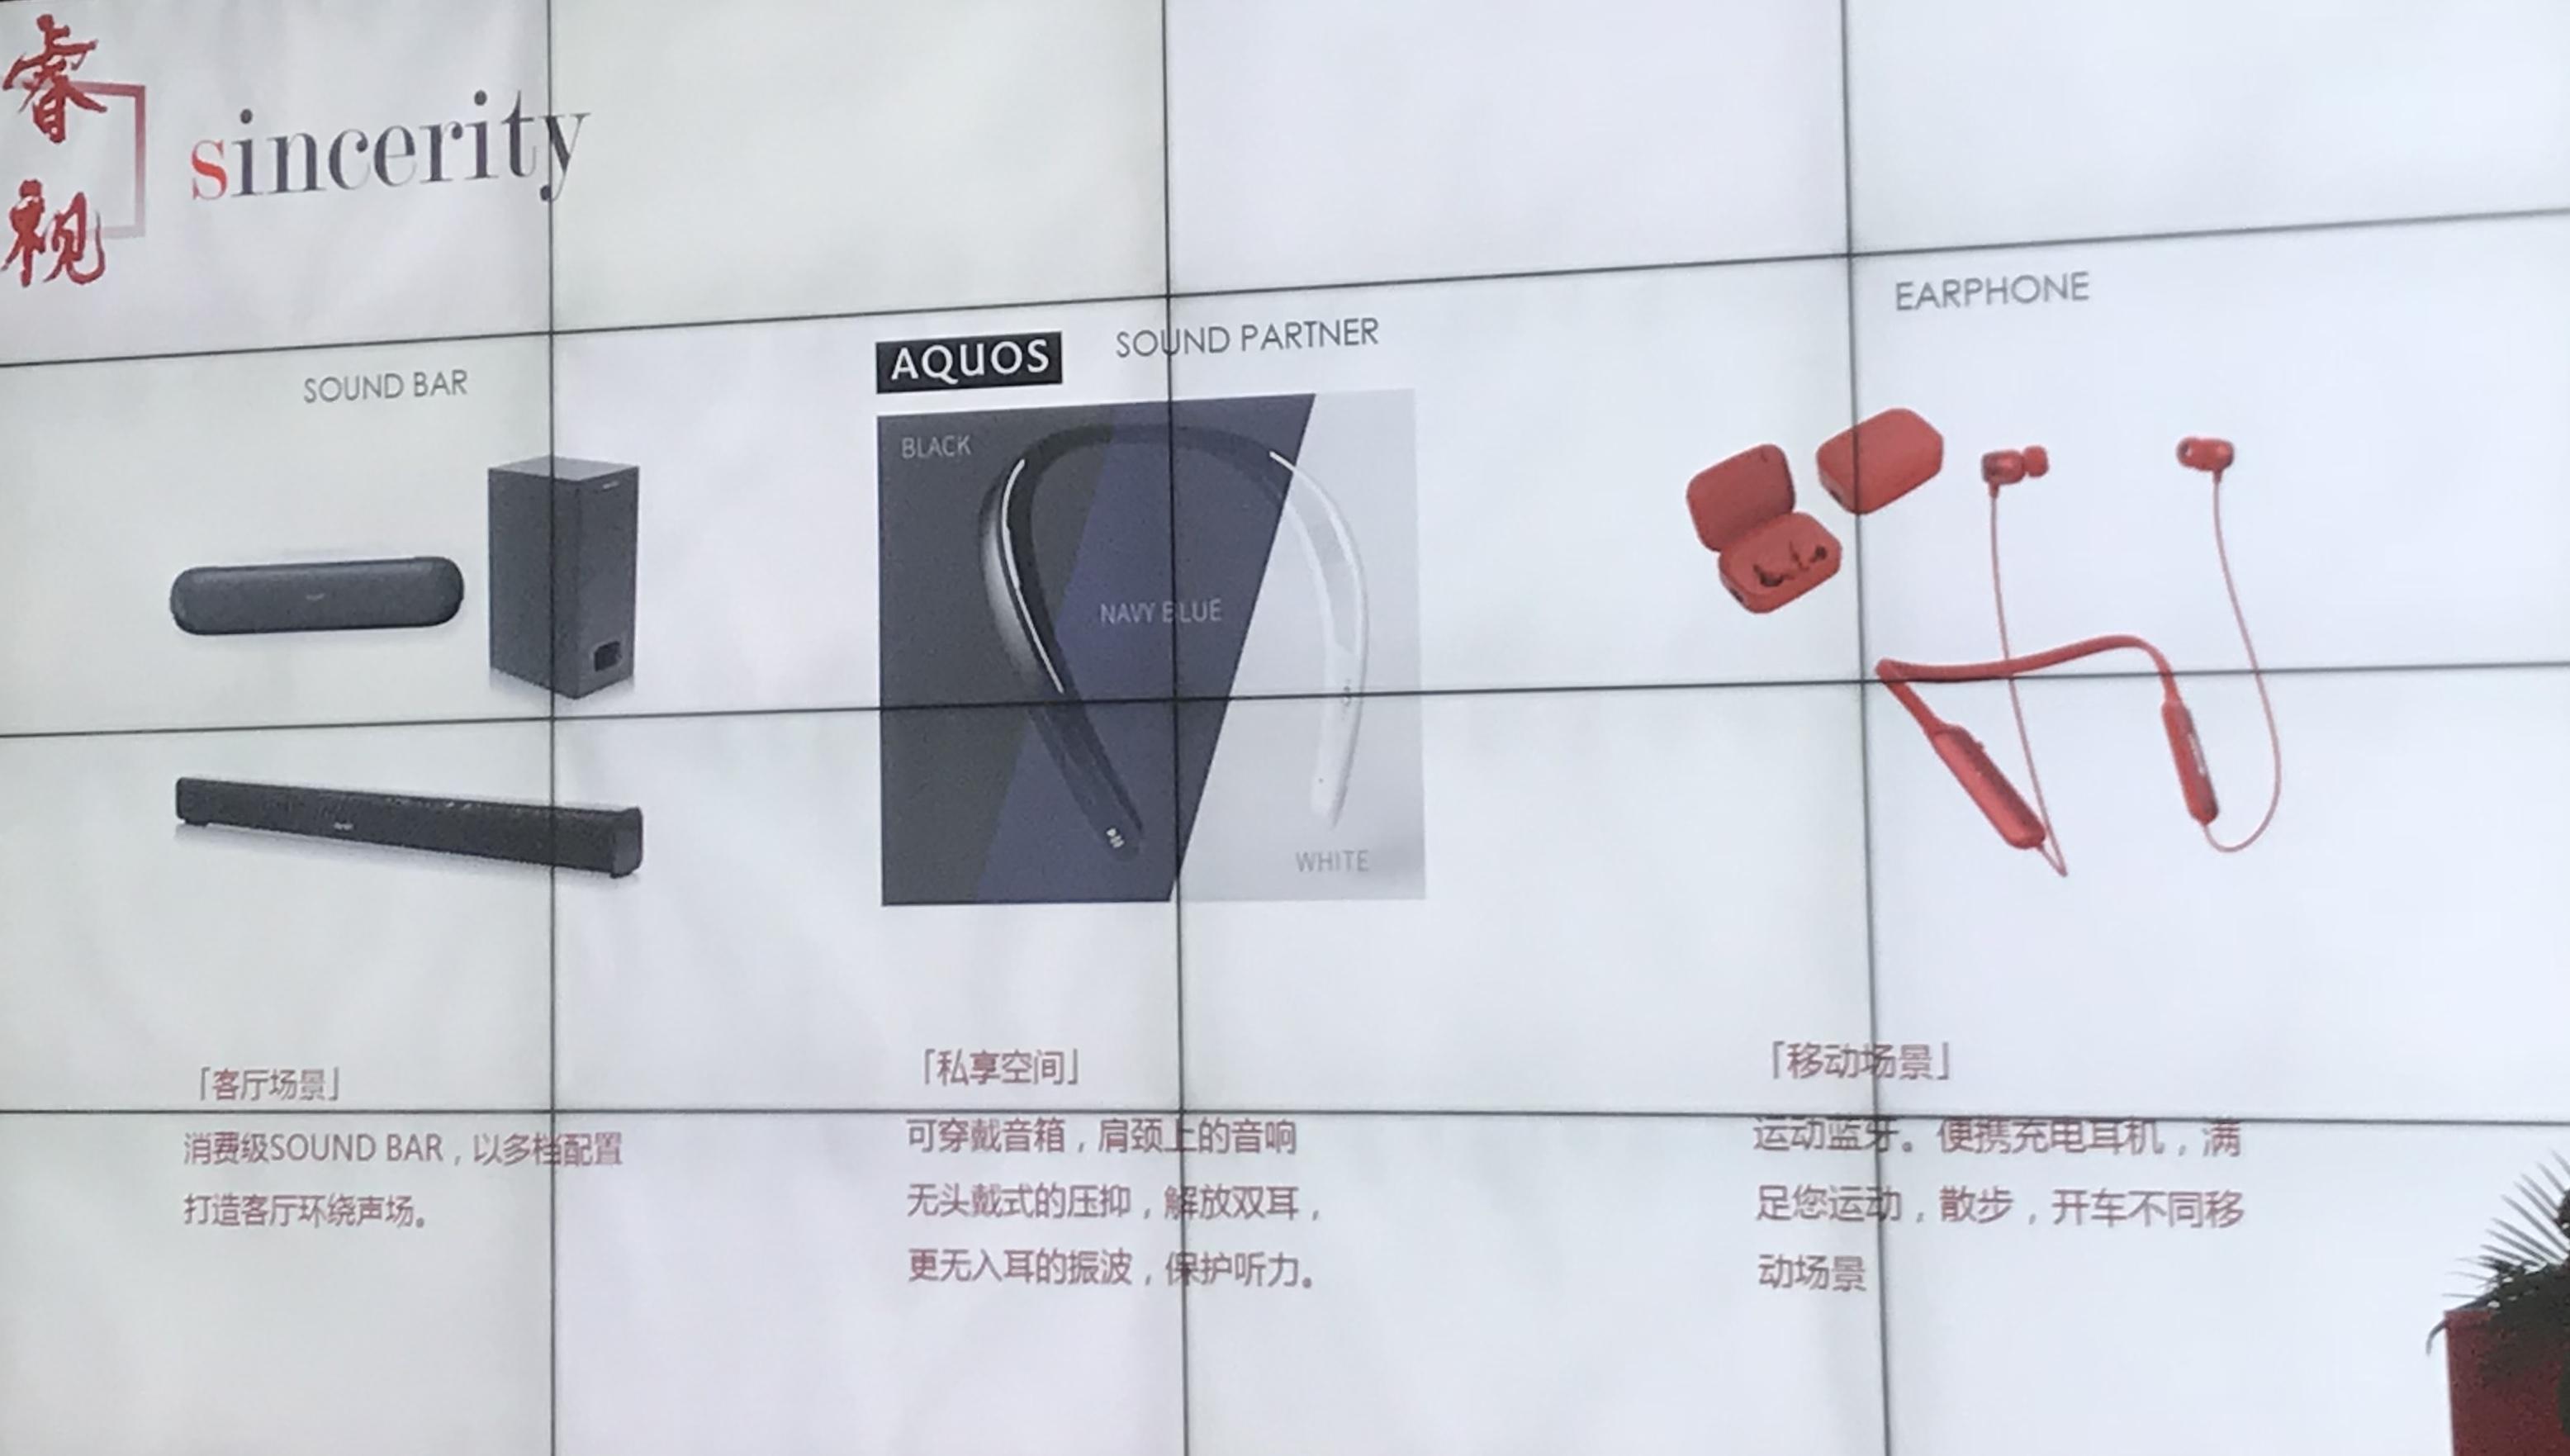 新夏普新百年征程,夏普黑电新品携全产品矩阵正式亮相